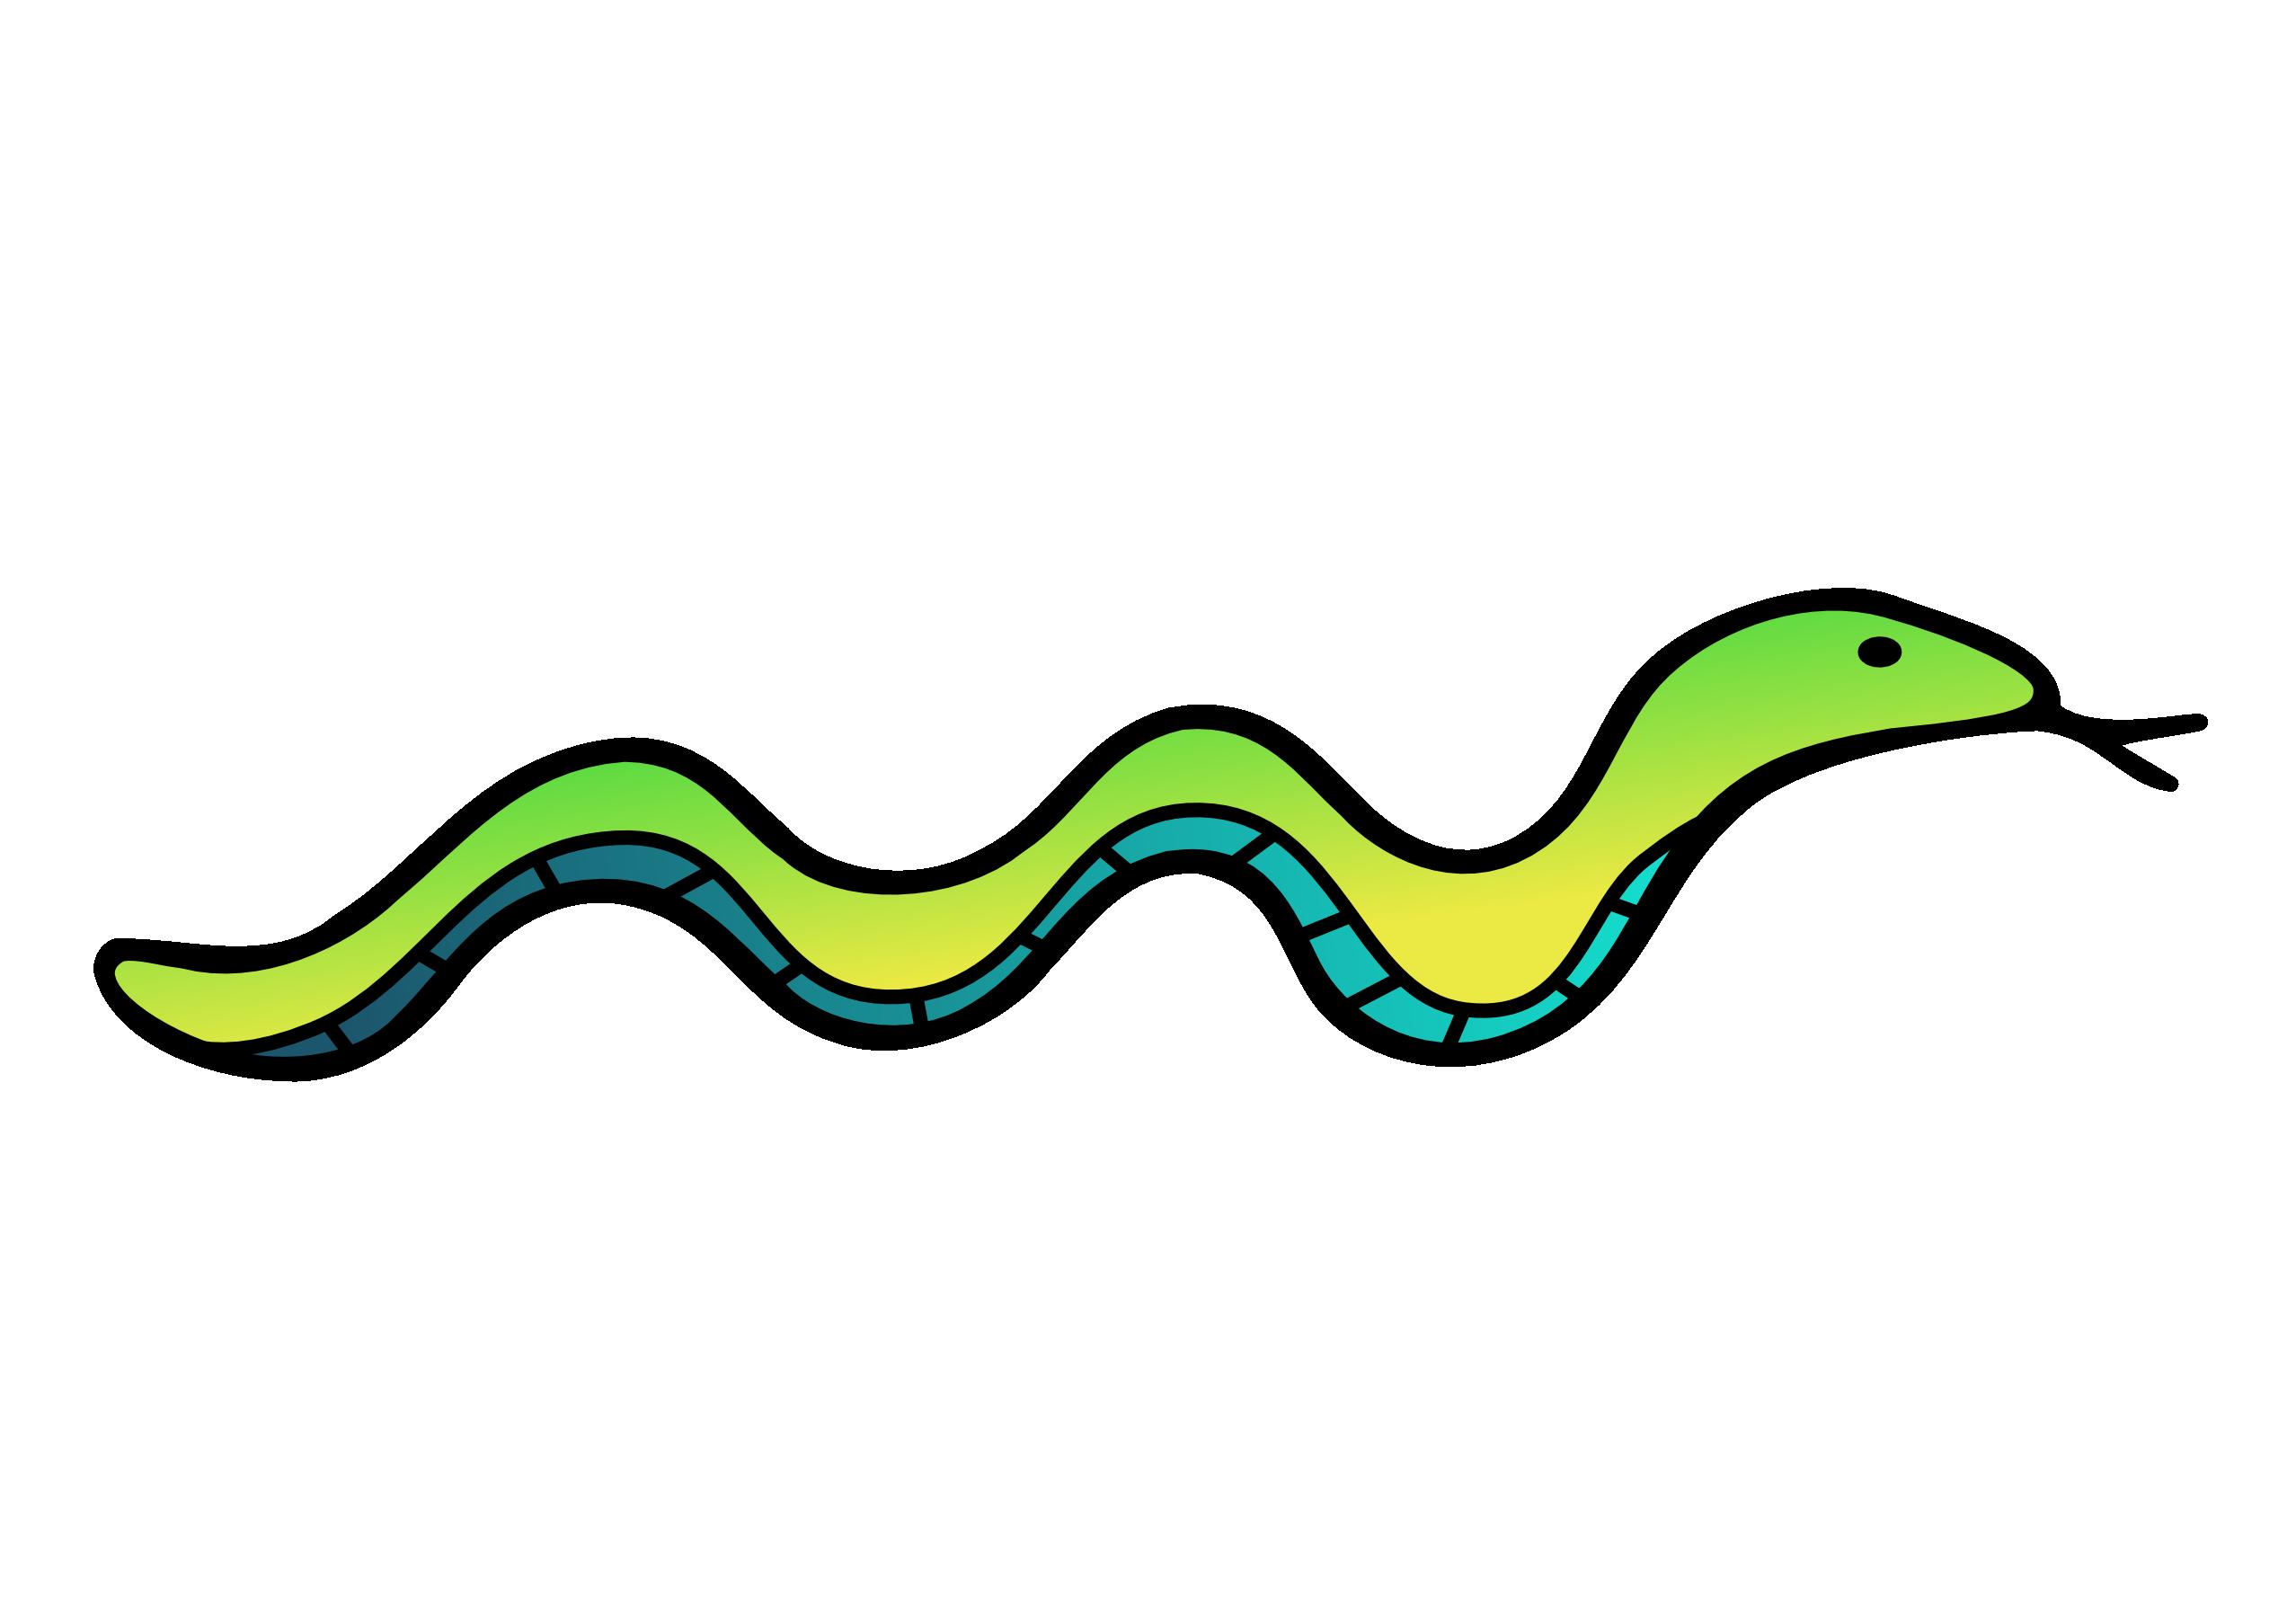 Snake clipart clipart 2 - Snake Clip Art